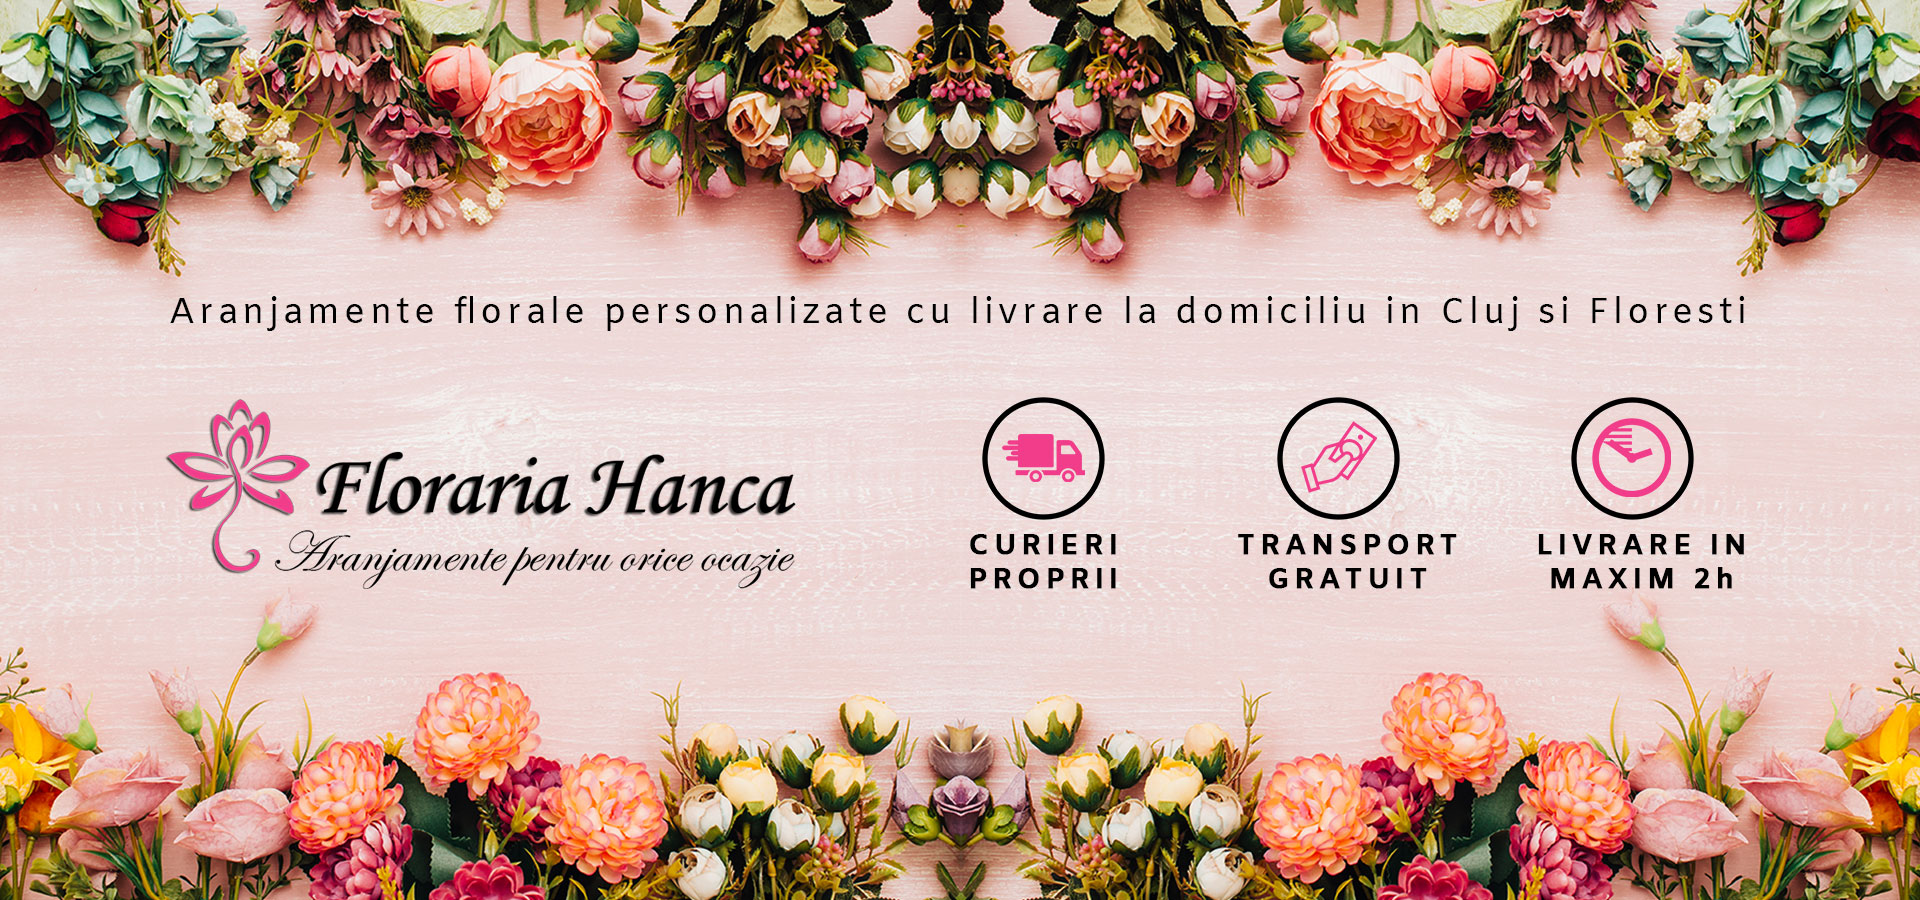 Floraria Hanca ofera serviciul de livrare flori la domiciliu in Cluj, Floresti, Apahida, Baciu, Gilau